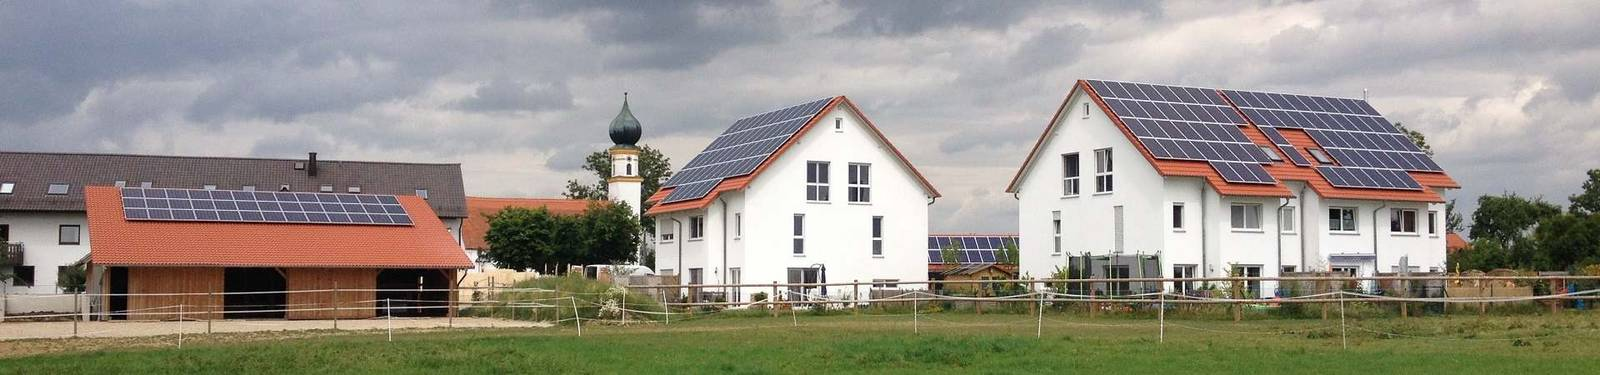 photovoltaik bad tölz